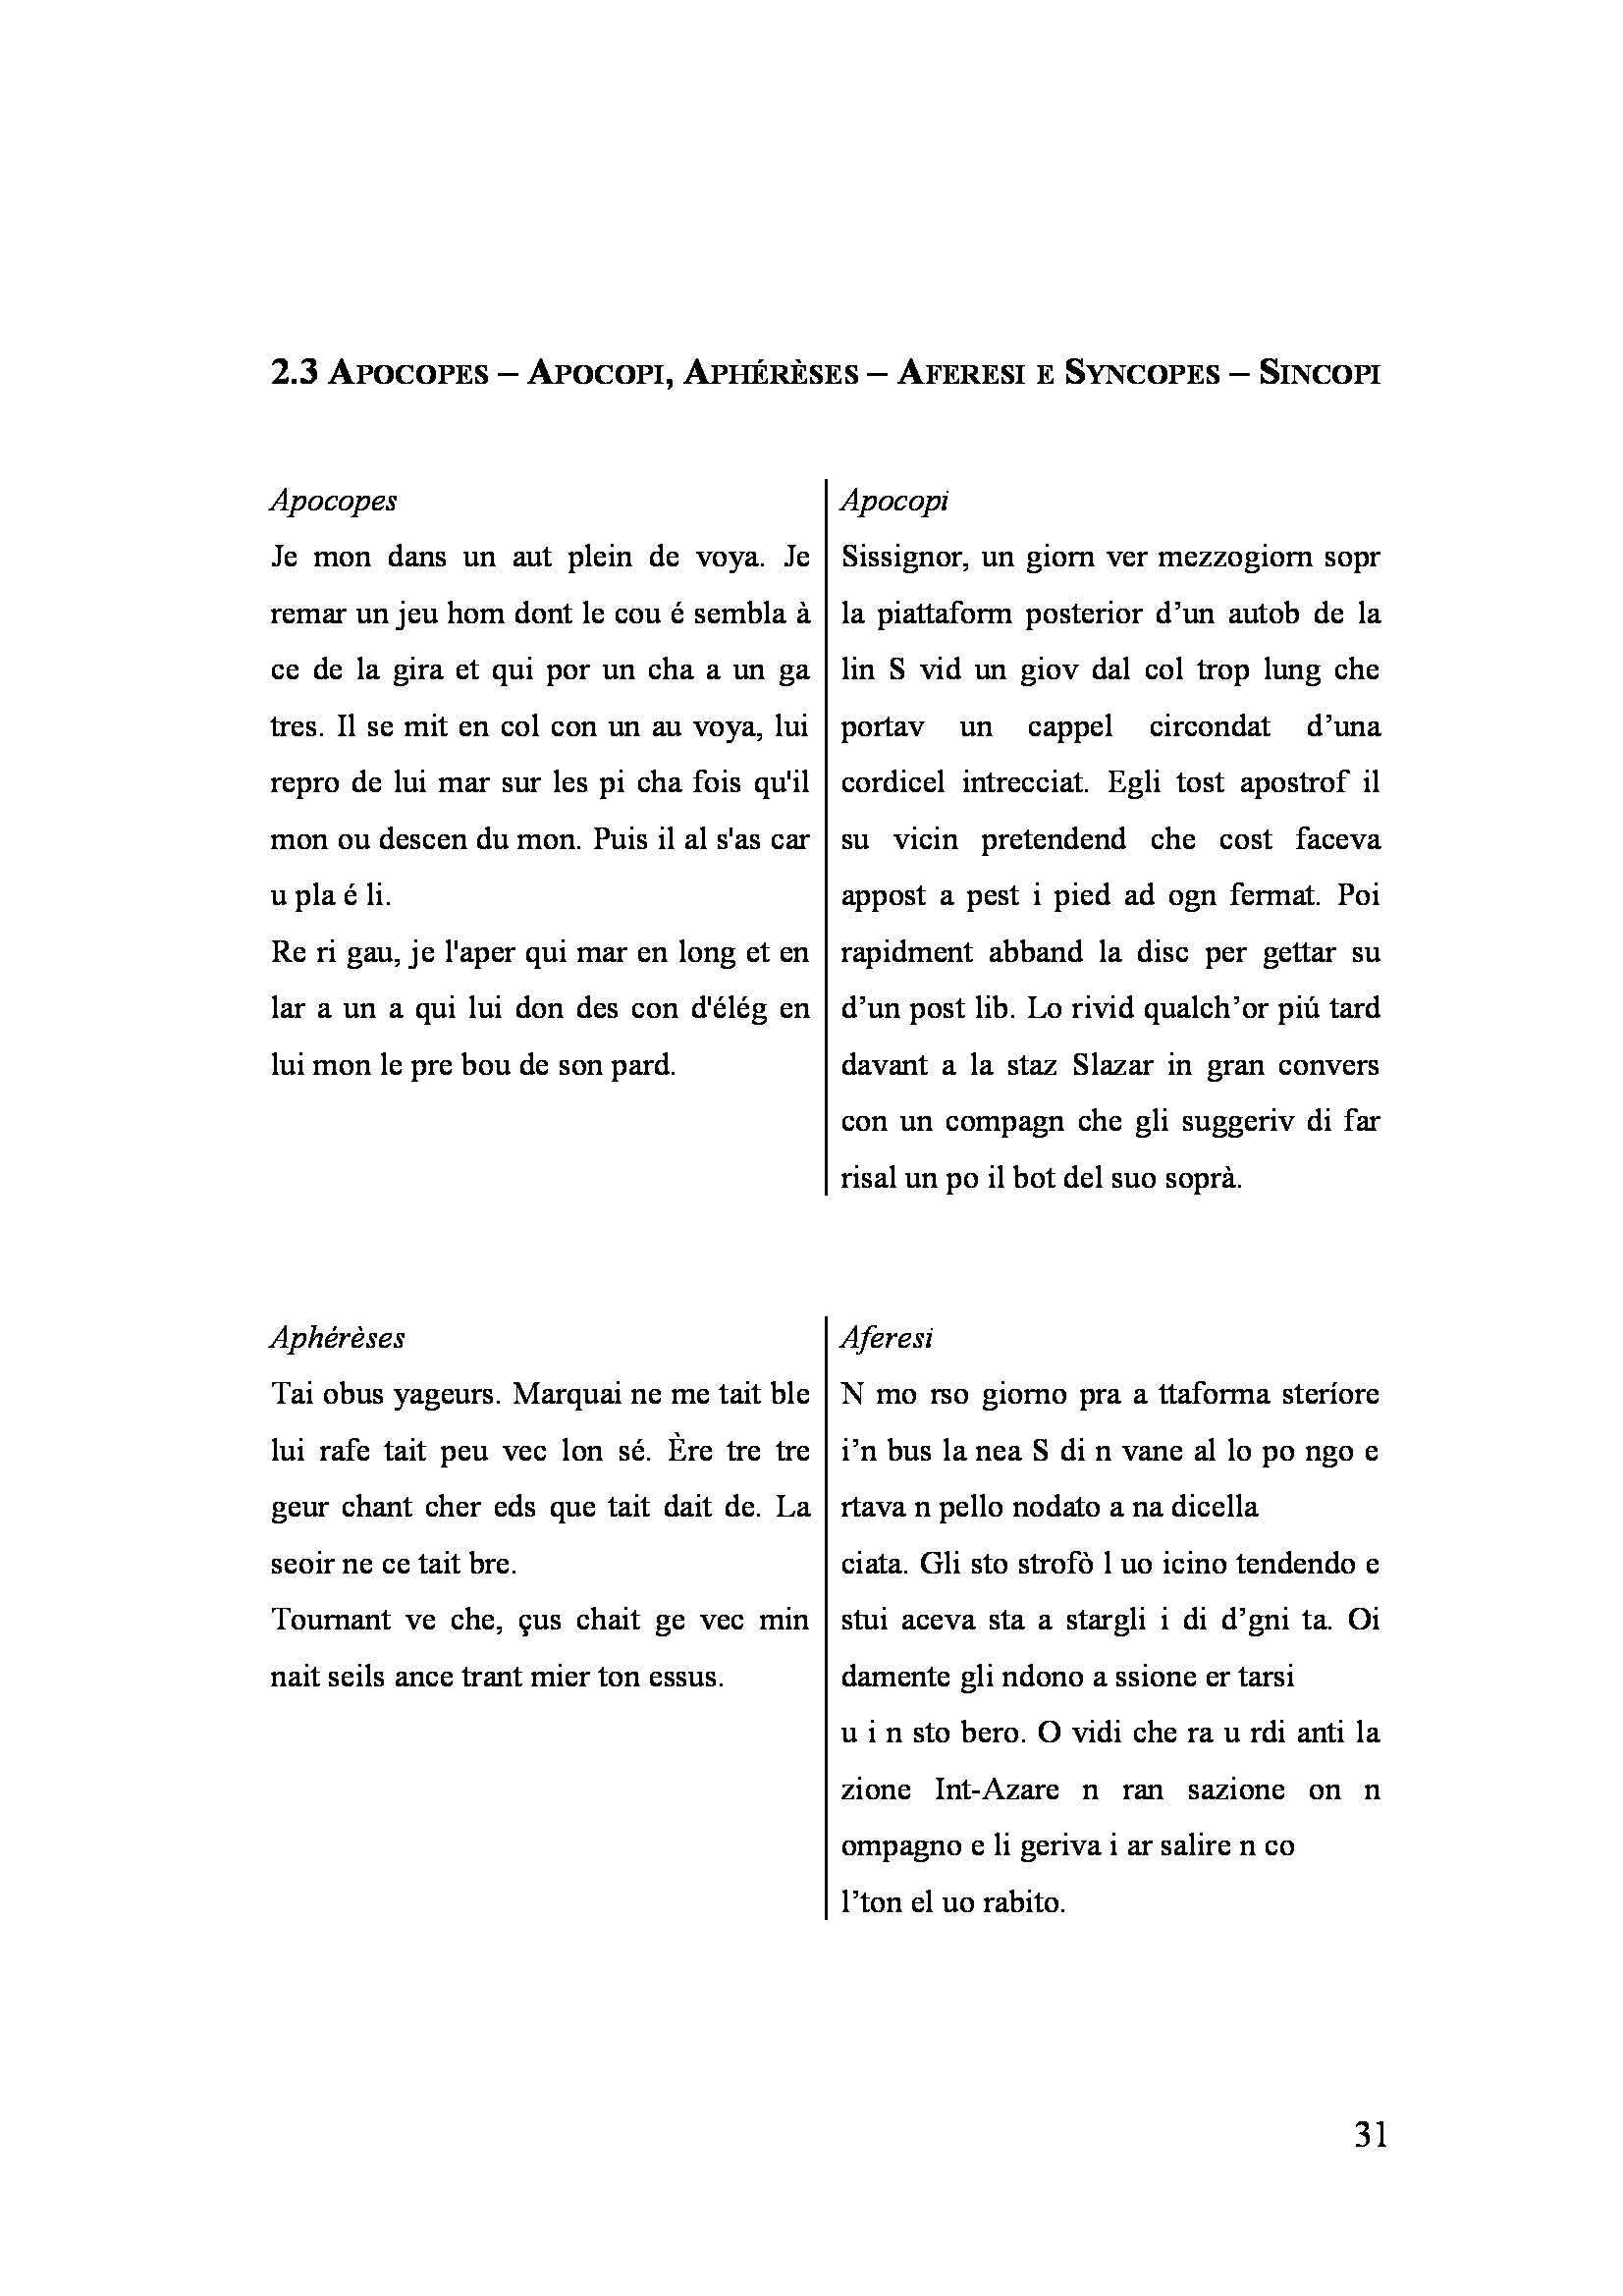 Tesi triennale - Gli Exercices de Style nella traduzione di Umberto Eco Pag. 31